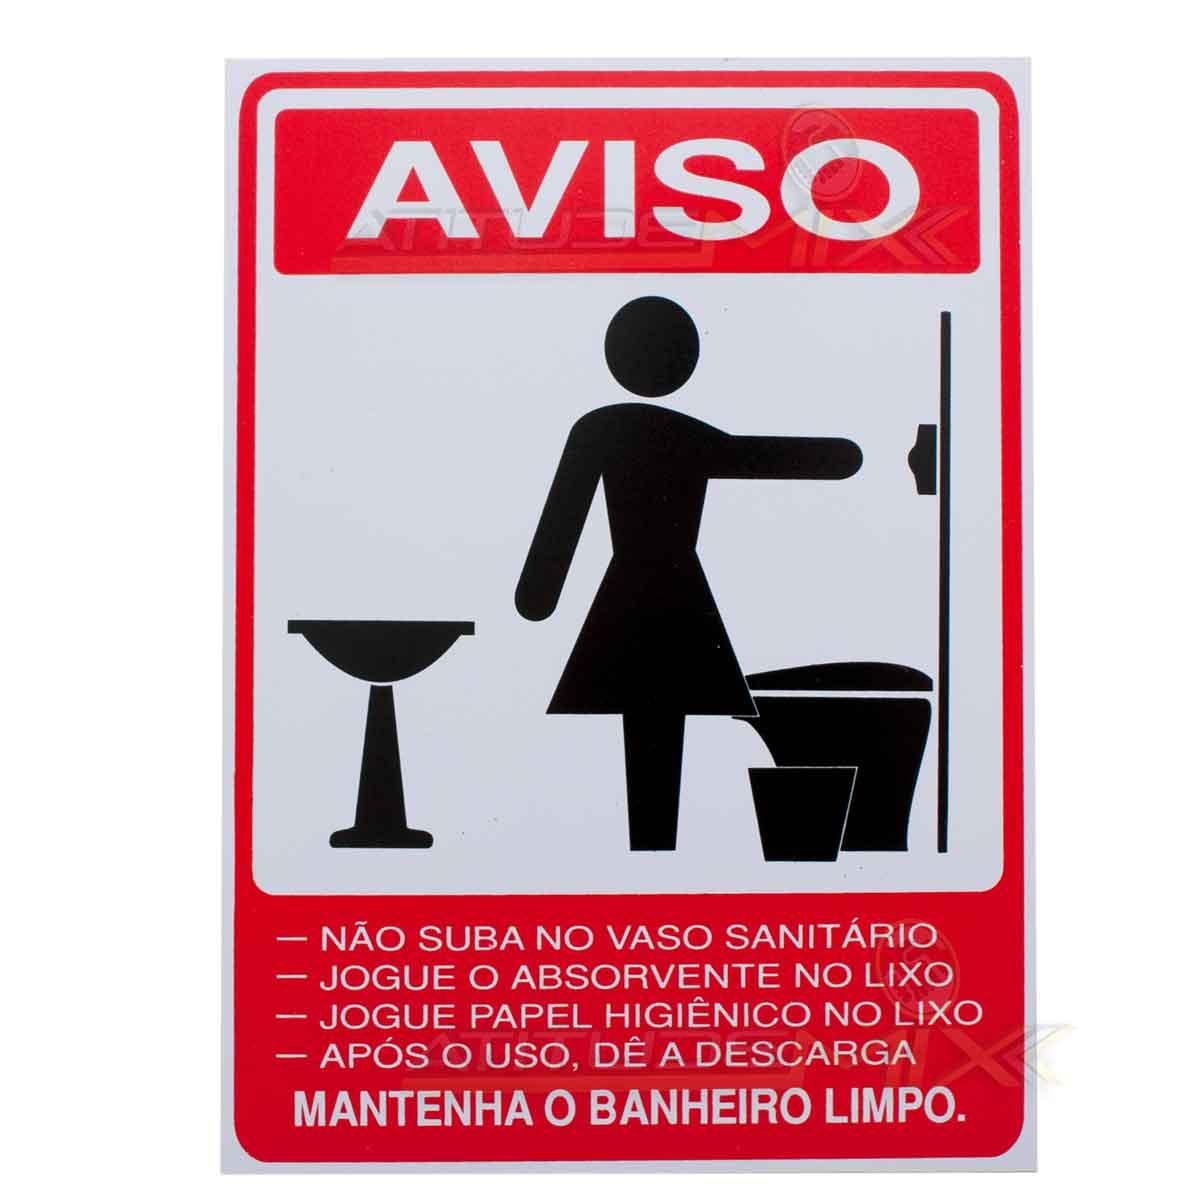 Imagem Placa Banheiro Feminino : Placa aviso advert?ncia banheiro feminino